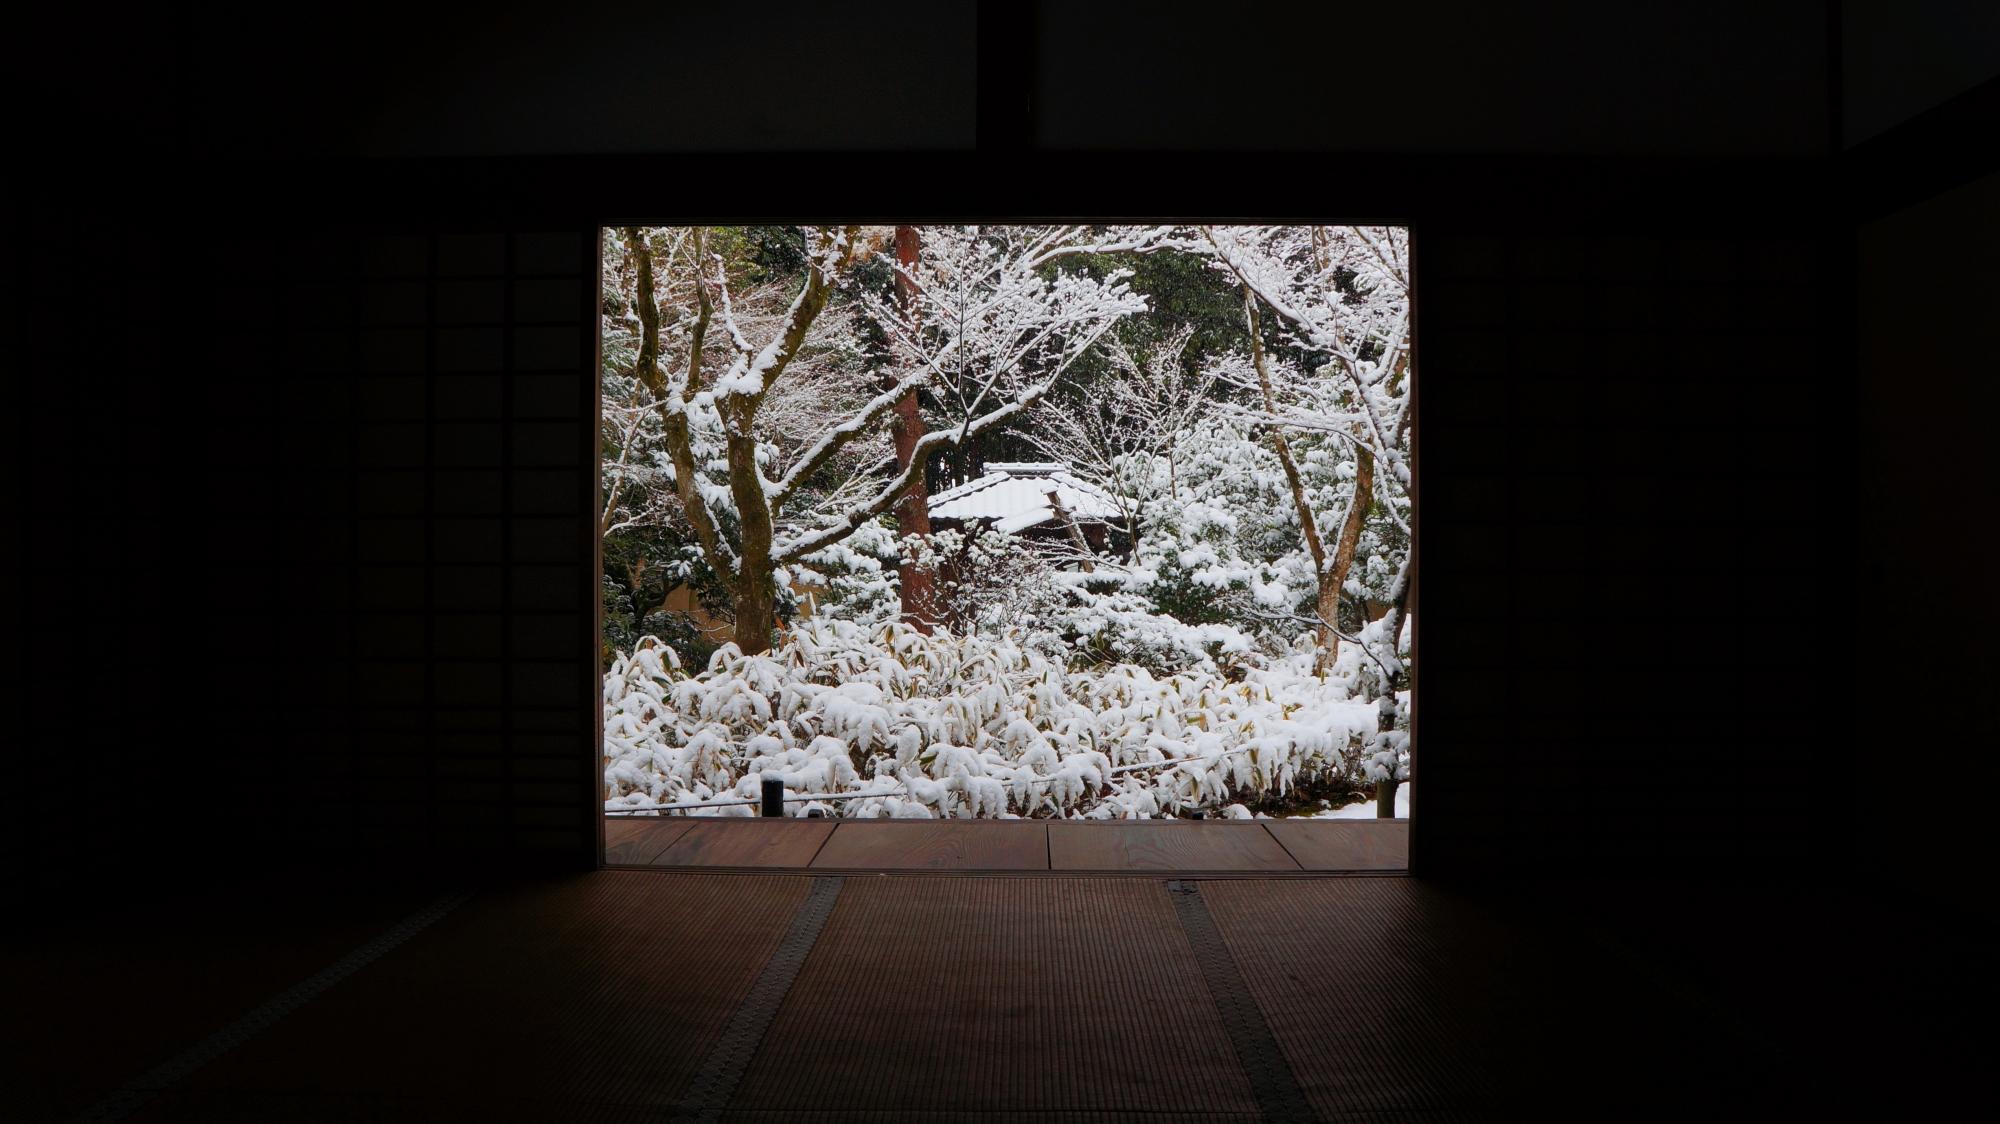 客殿奥から眺めた雪の庭園